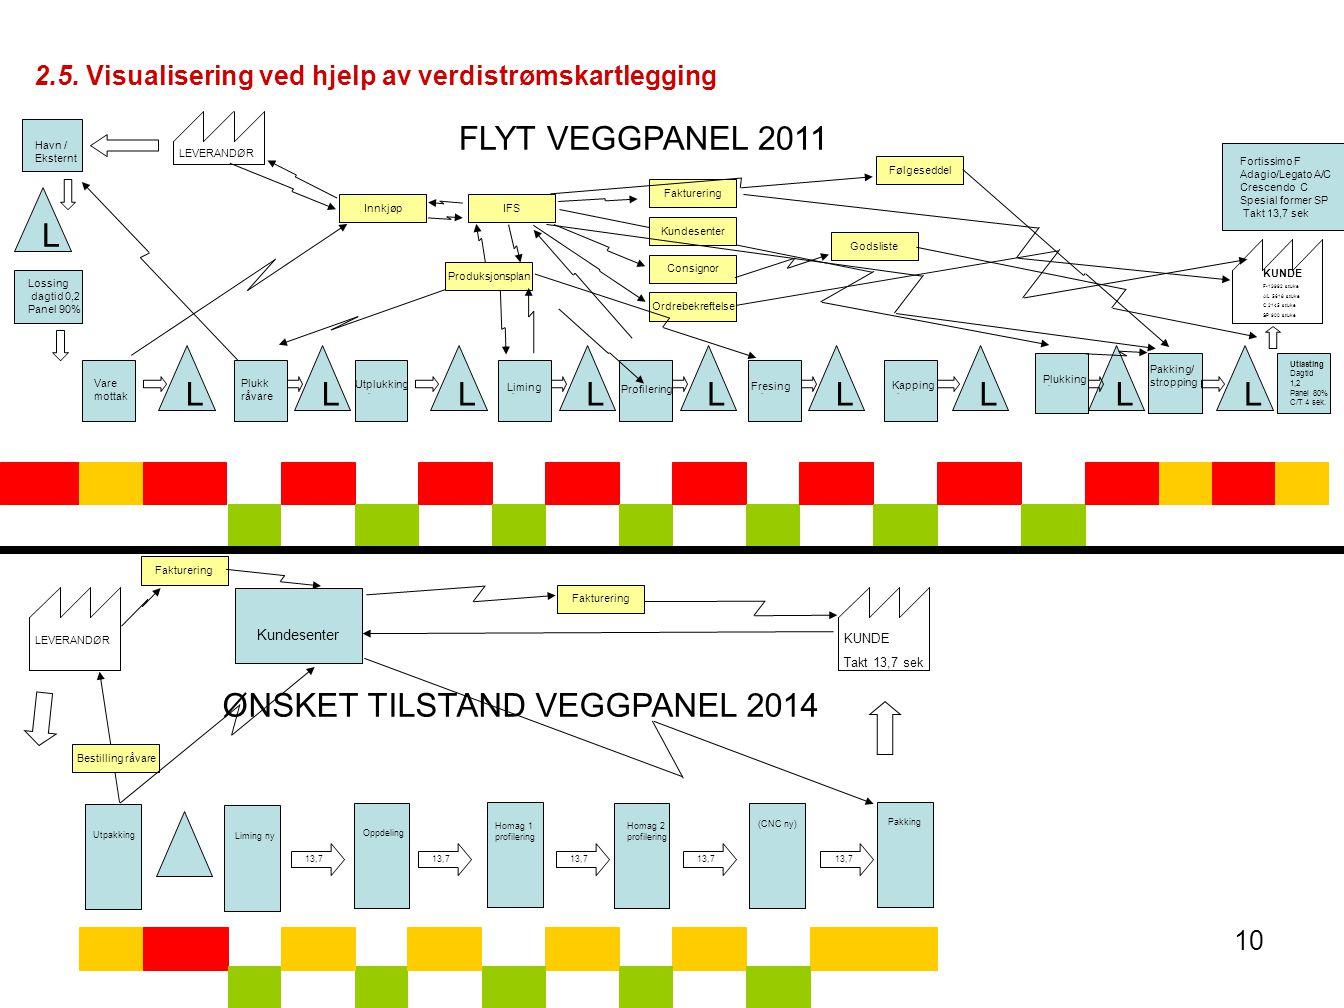 10 IFS Utlasting Dagtid 1,2 Panel 80% C/T 4 sek. L L Fortissimo F Adagio/Legato A/C Crescendo C Spesial former SP Takt 13,7 sek FLYT VEGGPANEL 2011 Ku